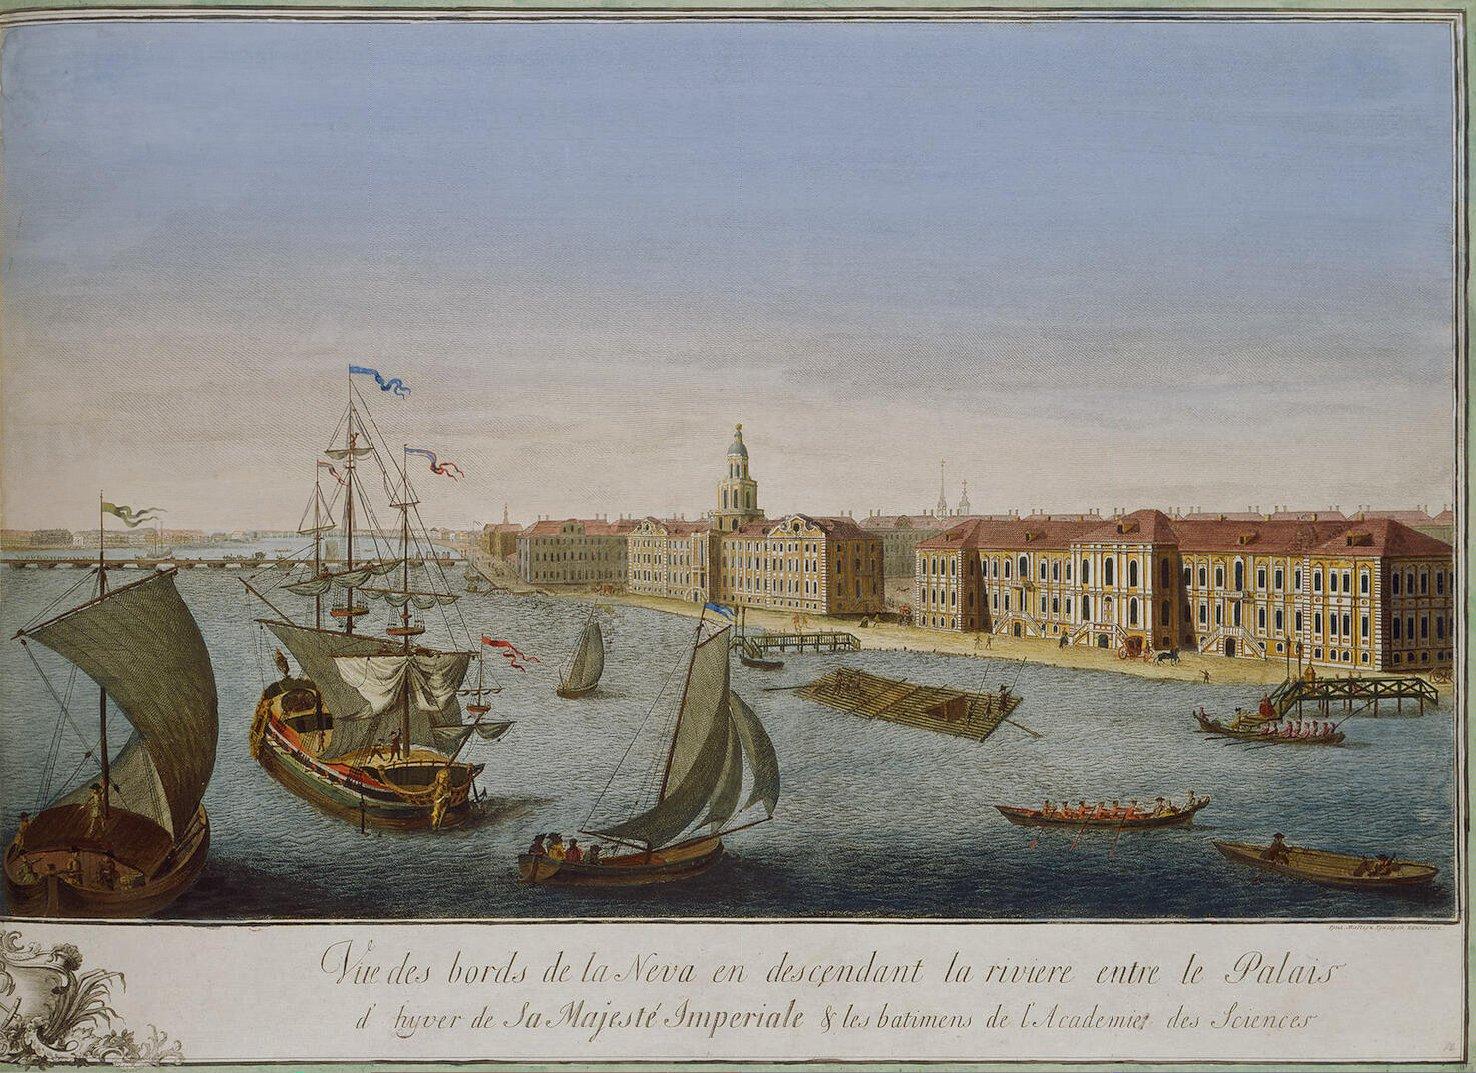 La creación de San Petersburgo - Fundación de una antigua capital de Rusia en 1703